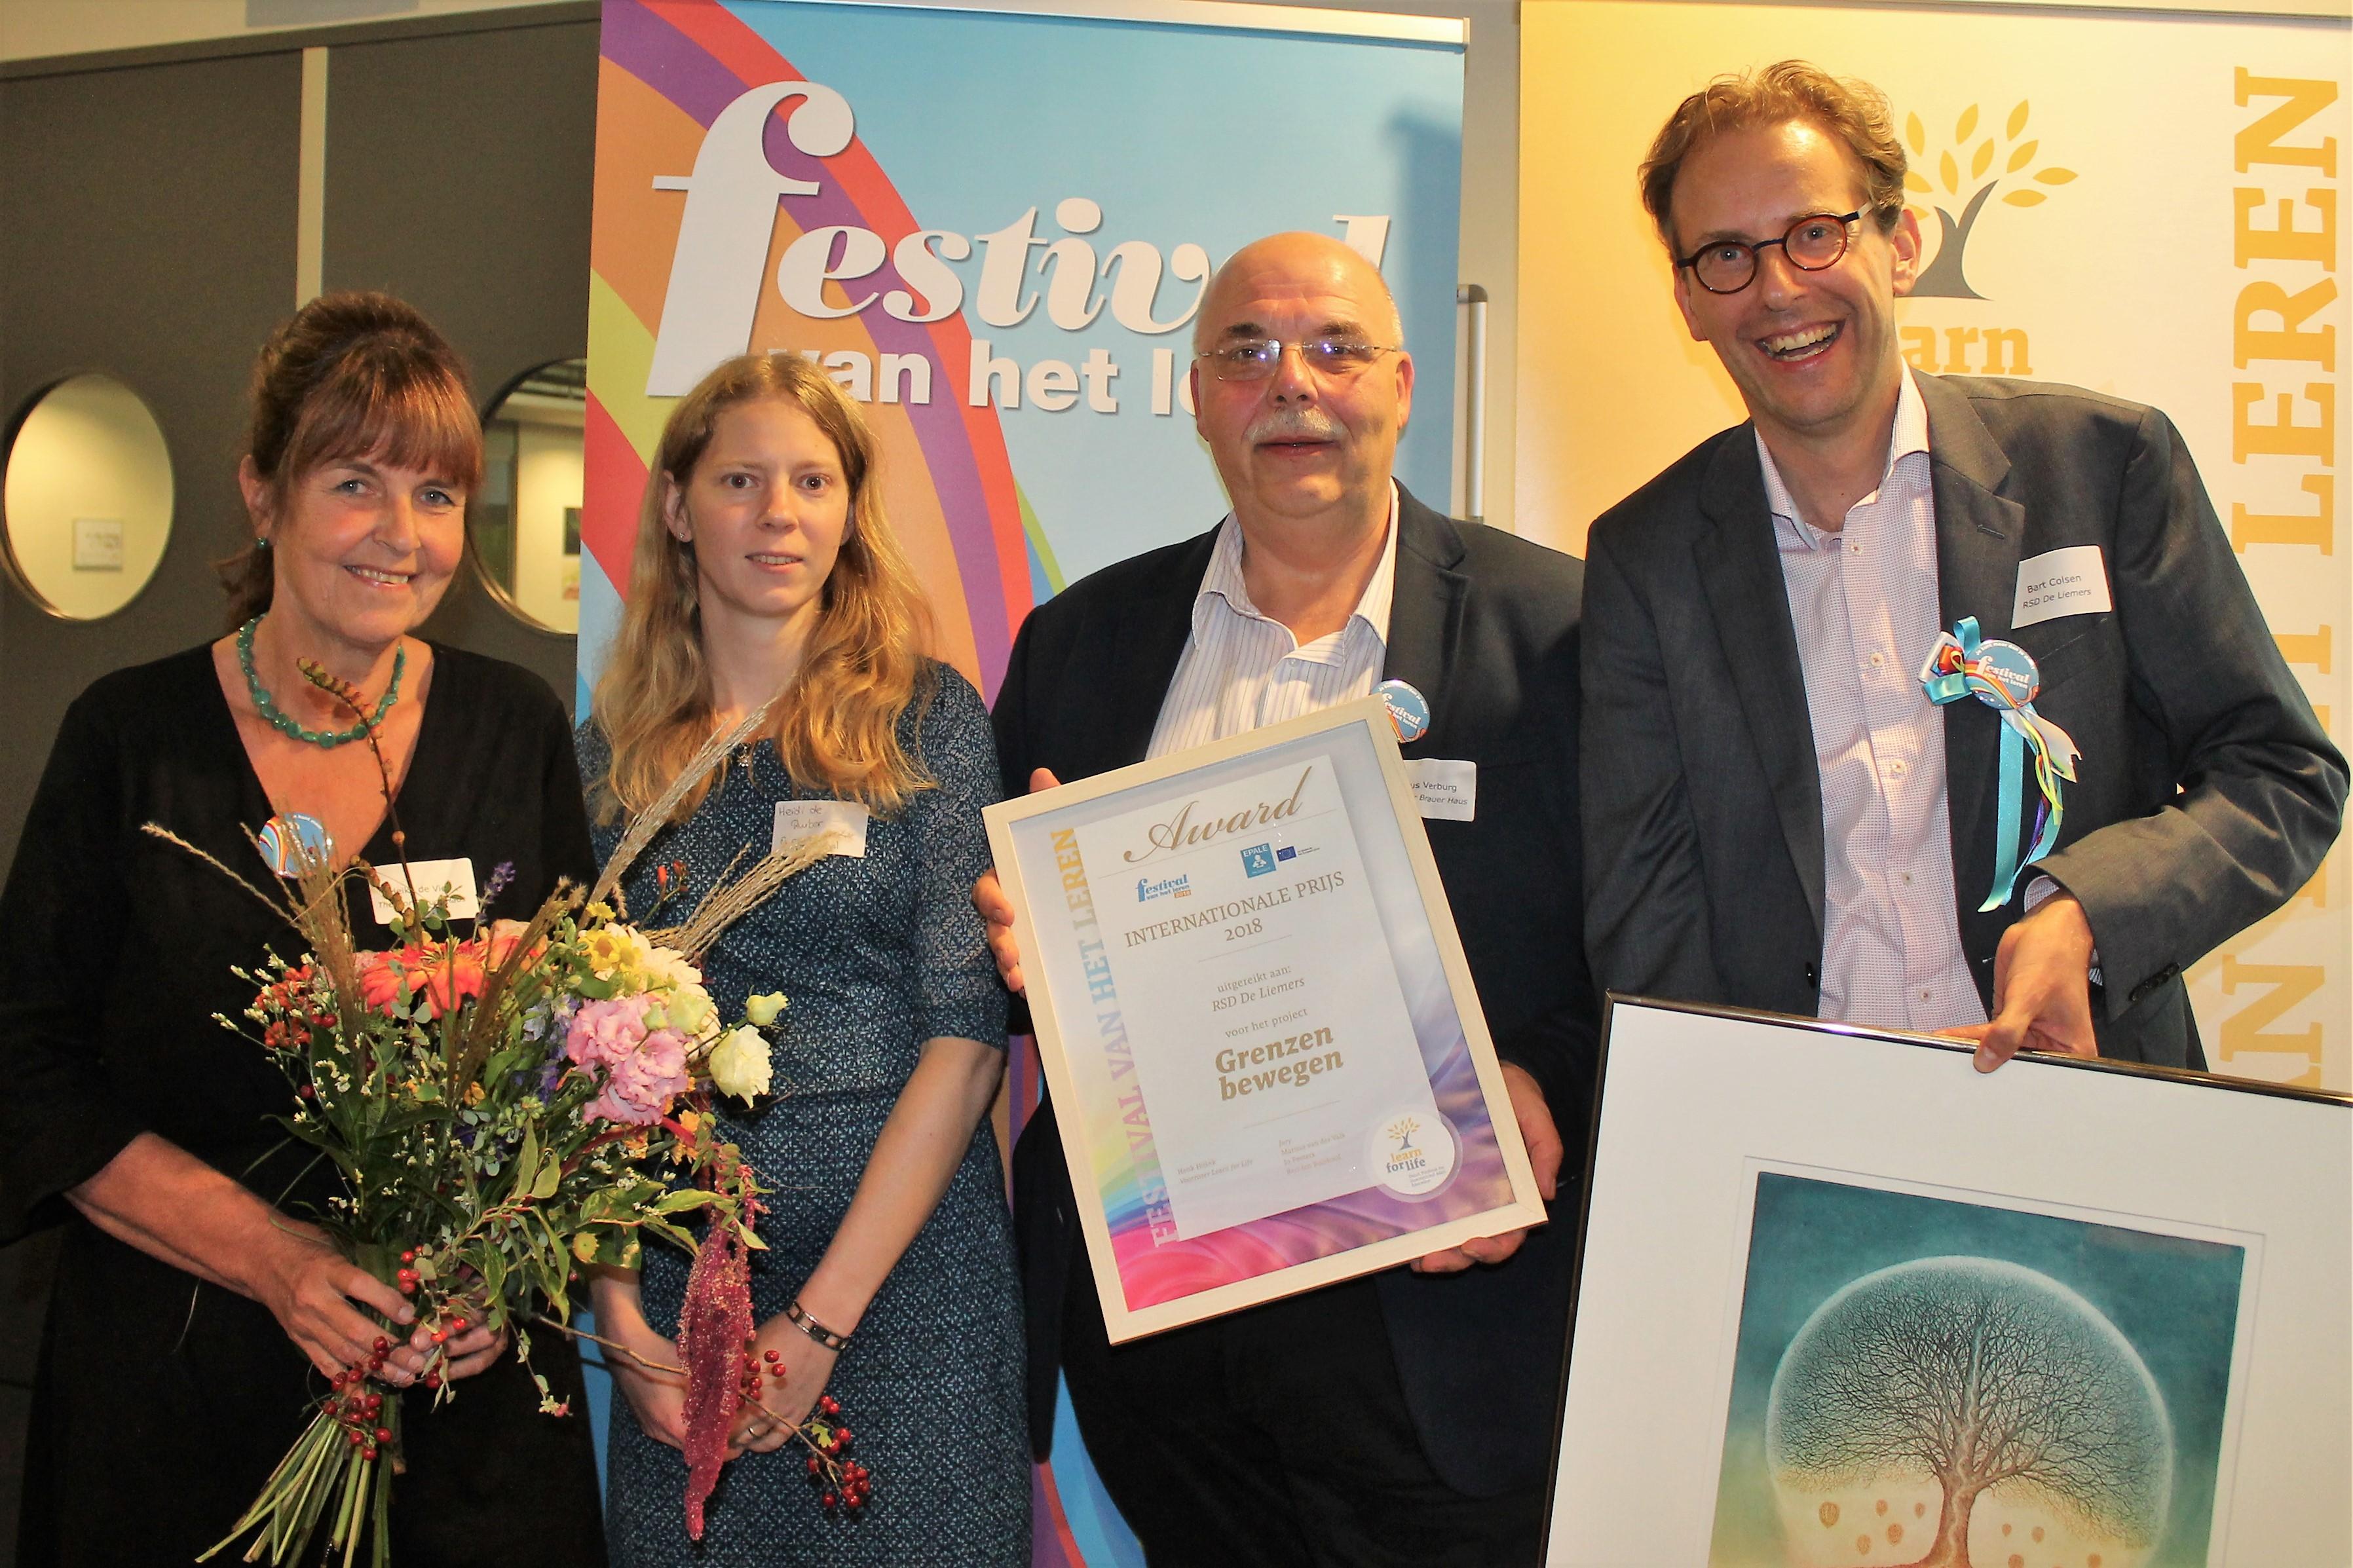 Euregio-project Grenzen Bewegen wint Internationale Prijs 2018